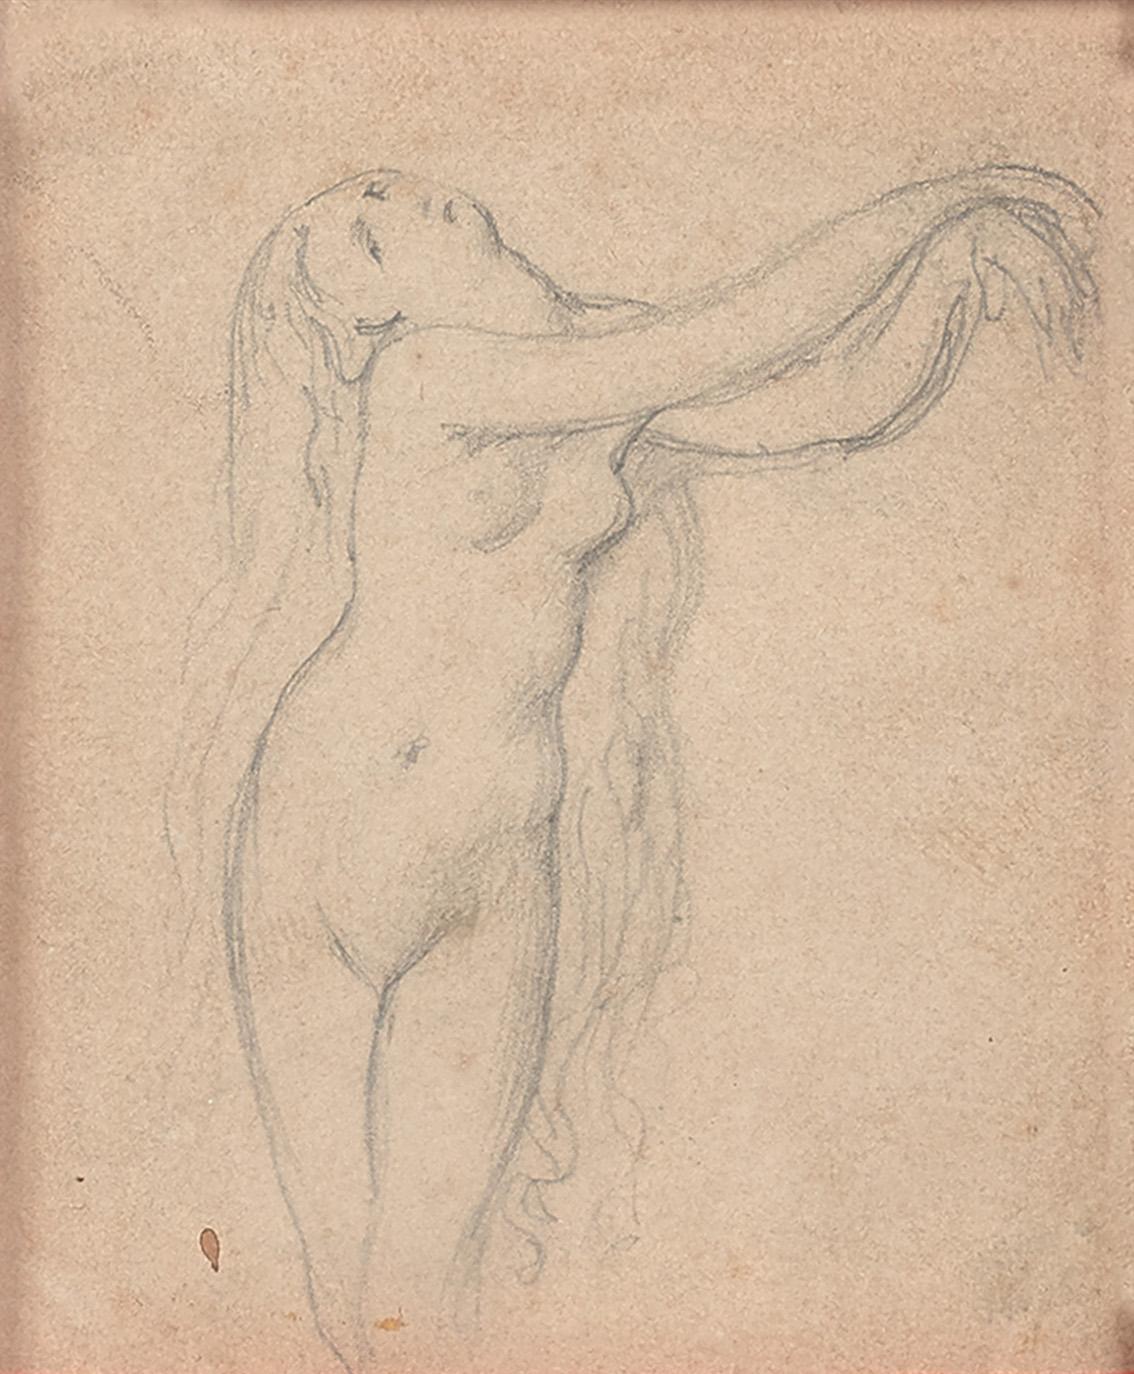 Étude de femme nue, préparatoire à Roger délivrant Angélique